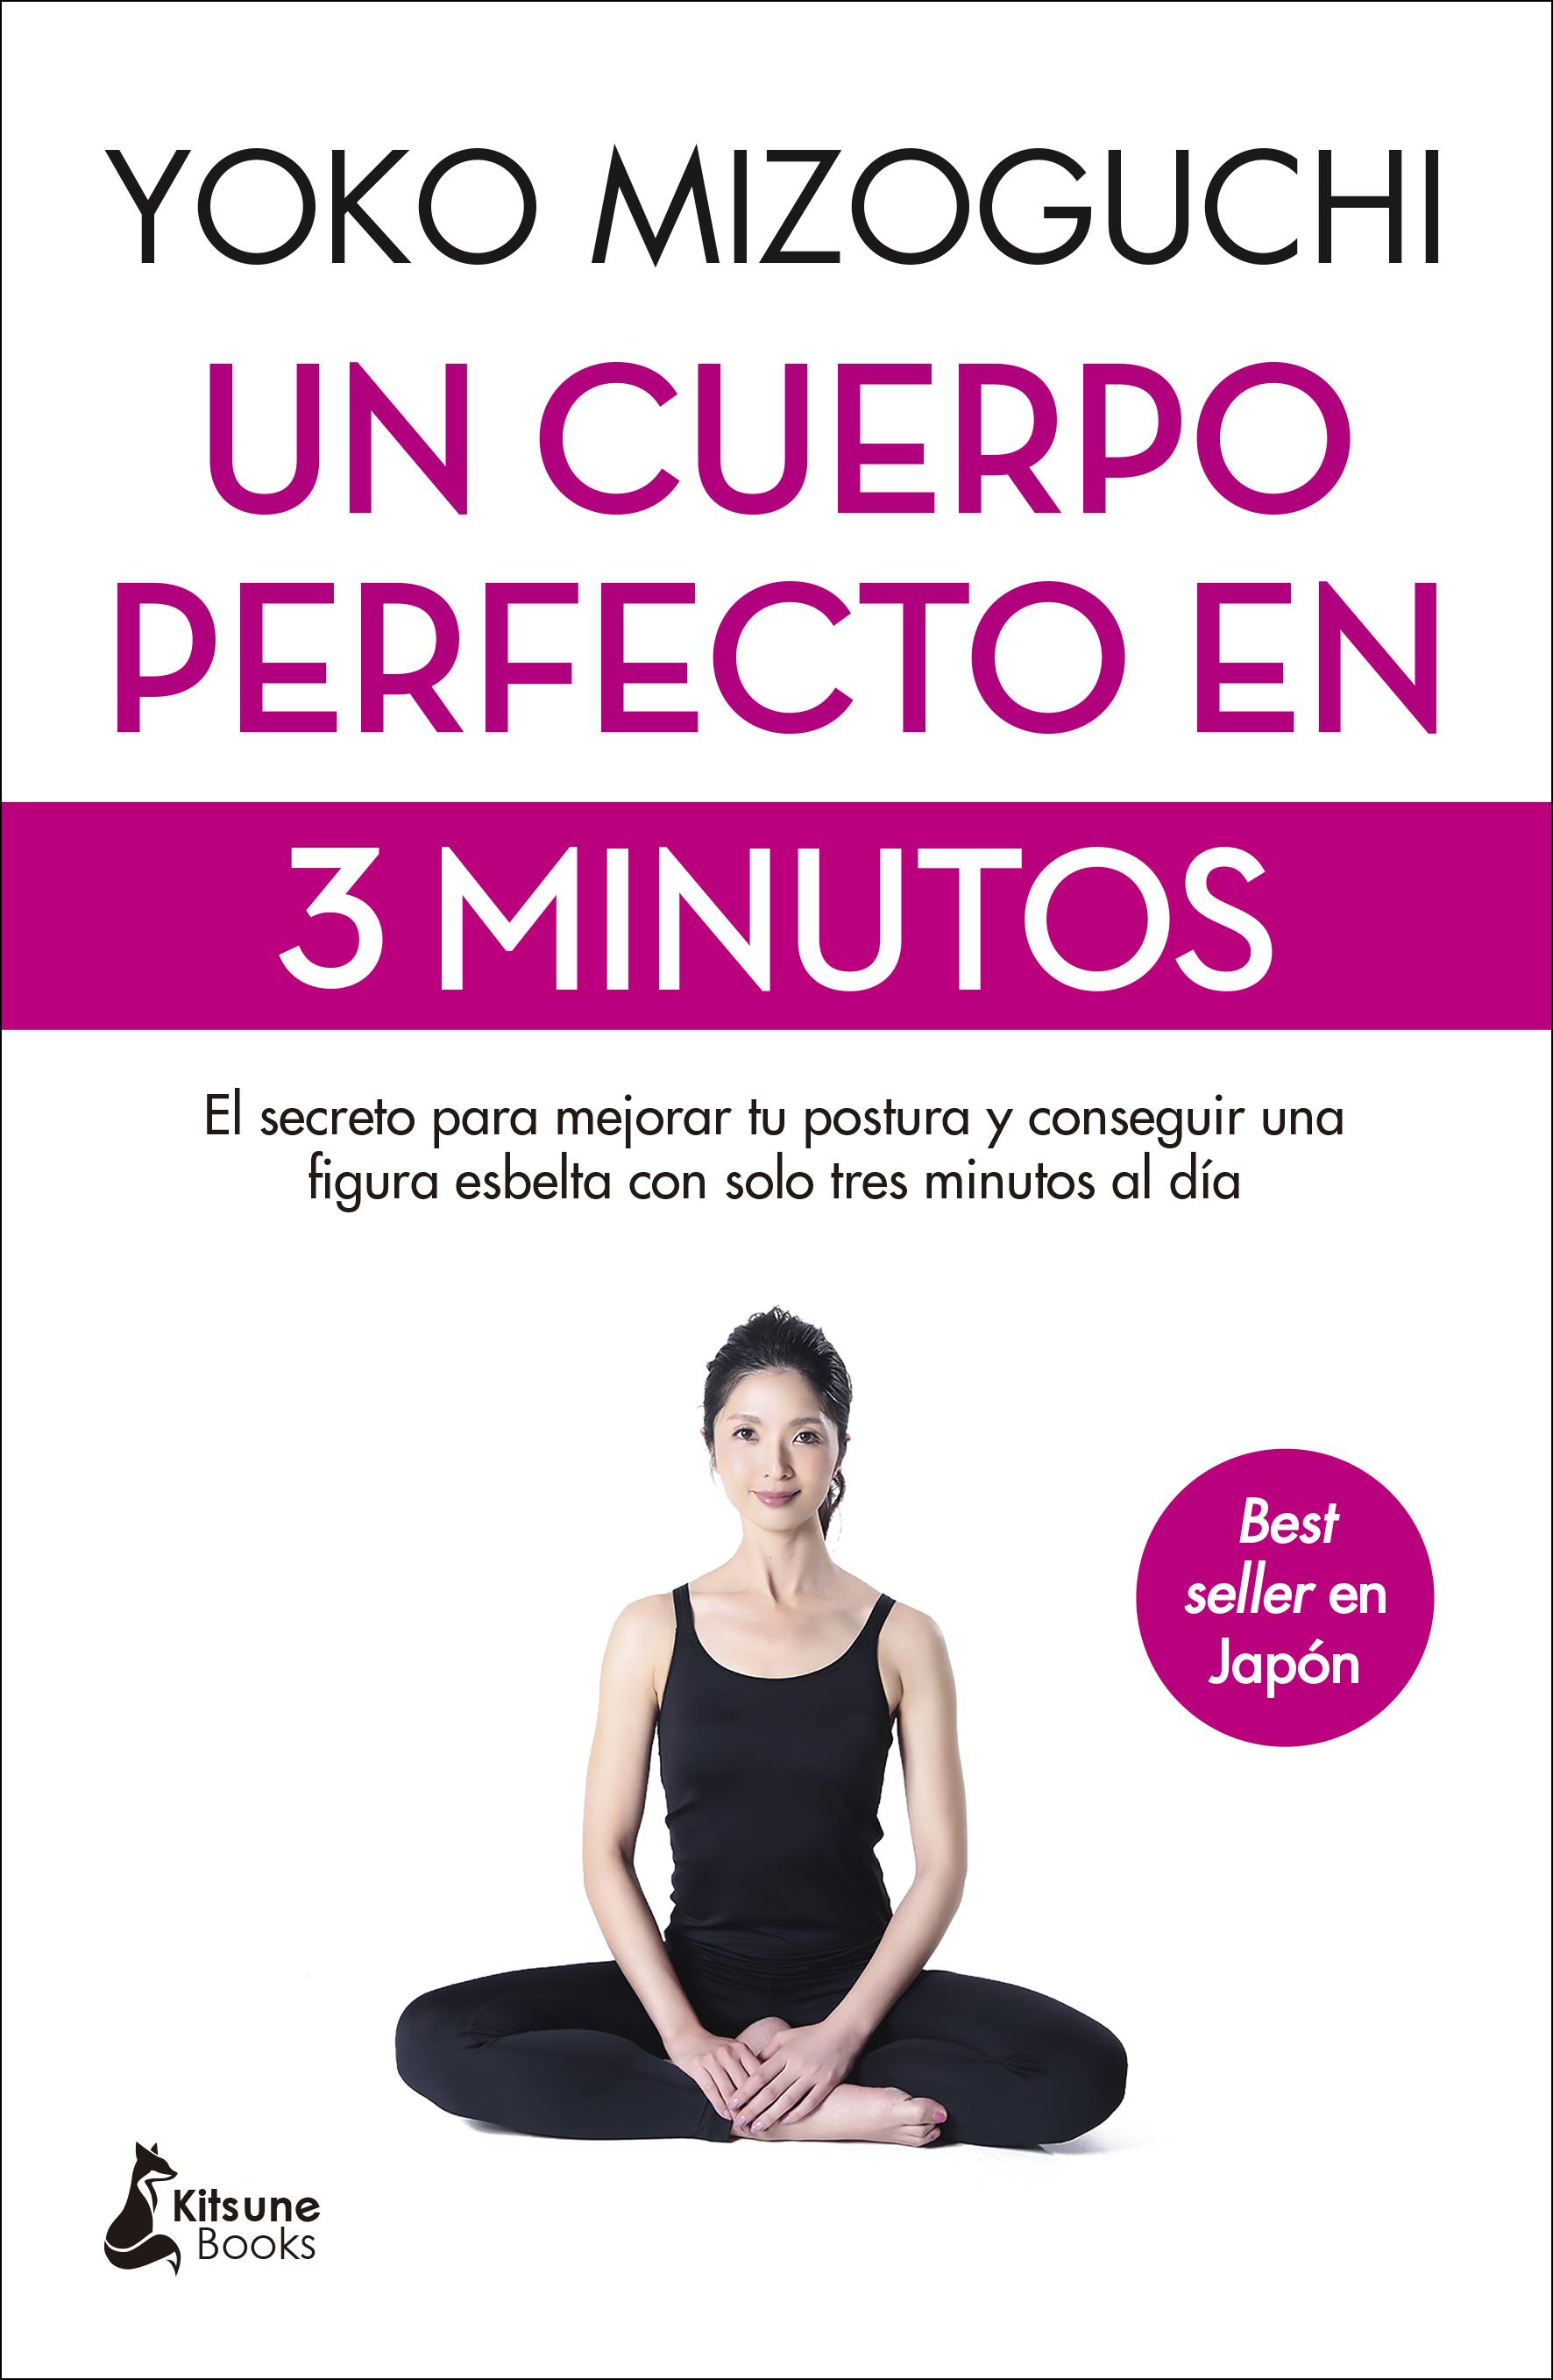 Un cuerpo perfecto en 3 minutos   «El secreto para mejorar tu postura y conseguir una figura esbelta con solo tres minutos al día»